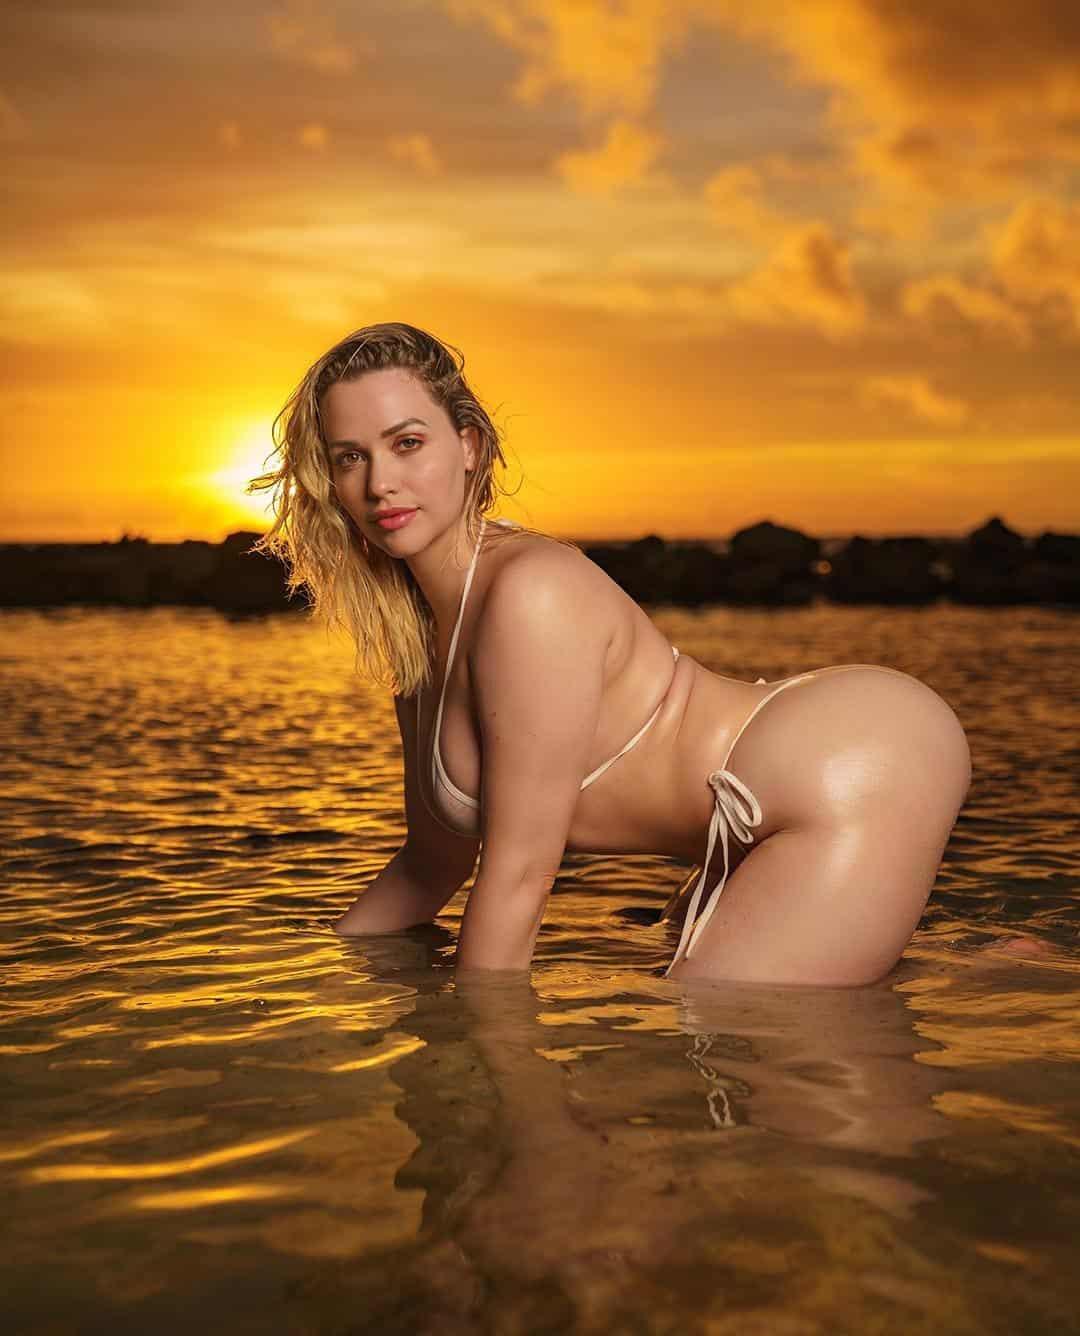 Mia Malkova Sexy Bikini, Lingerie, Bra Pictures